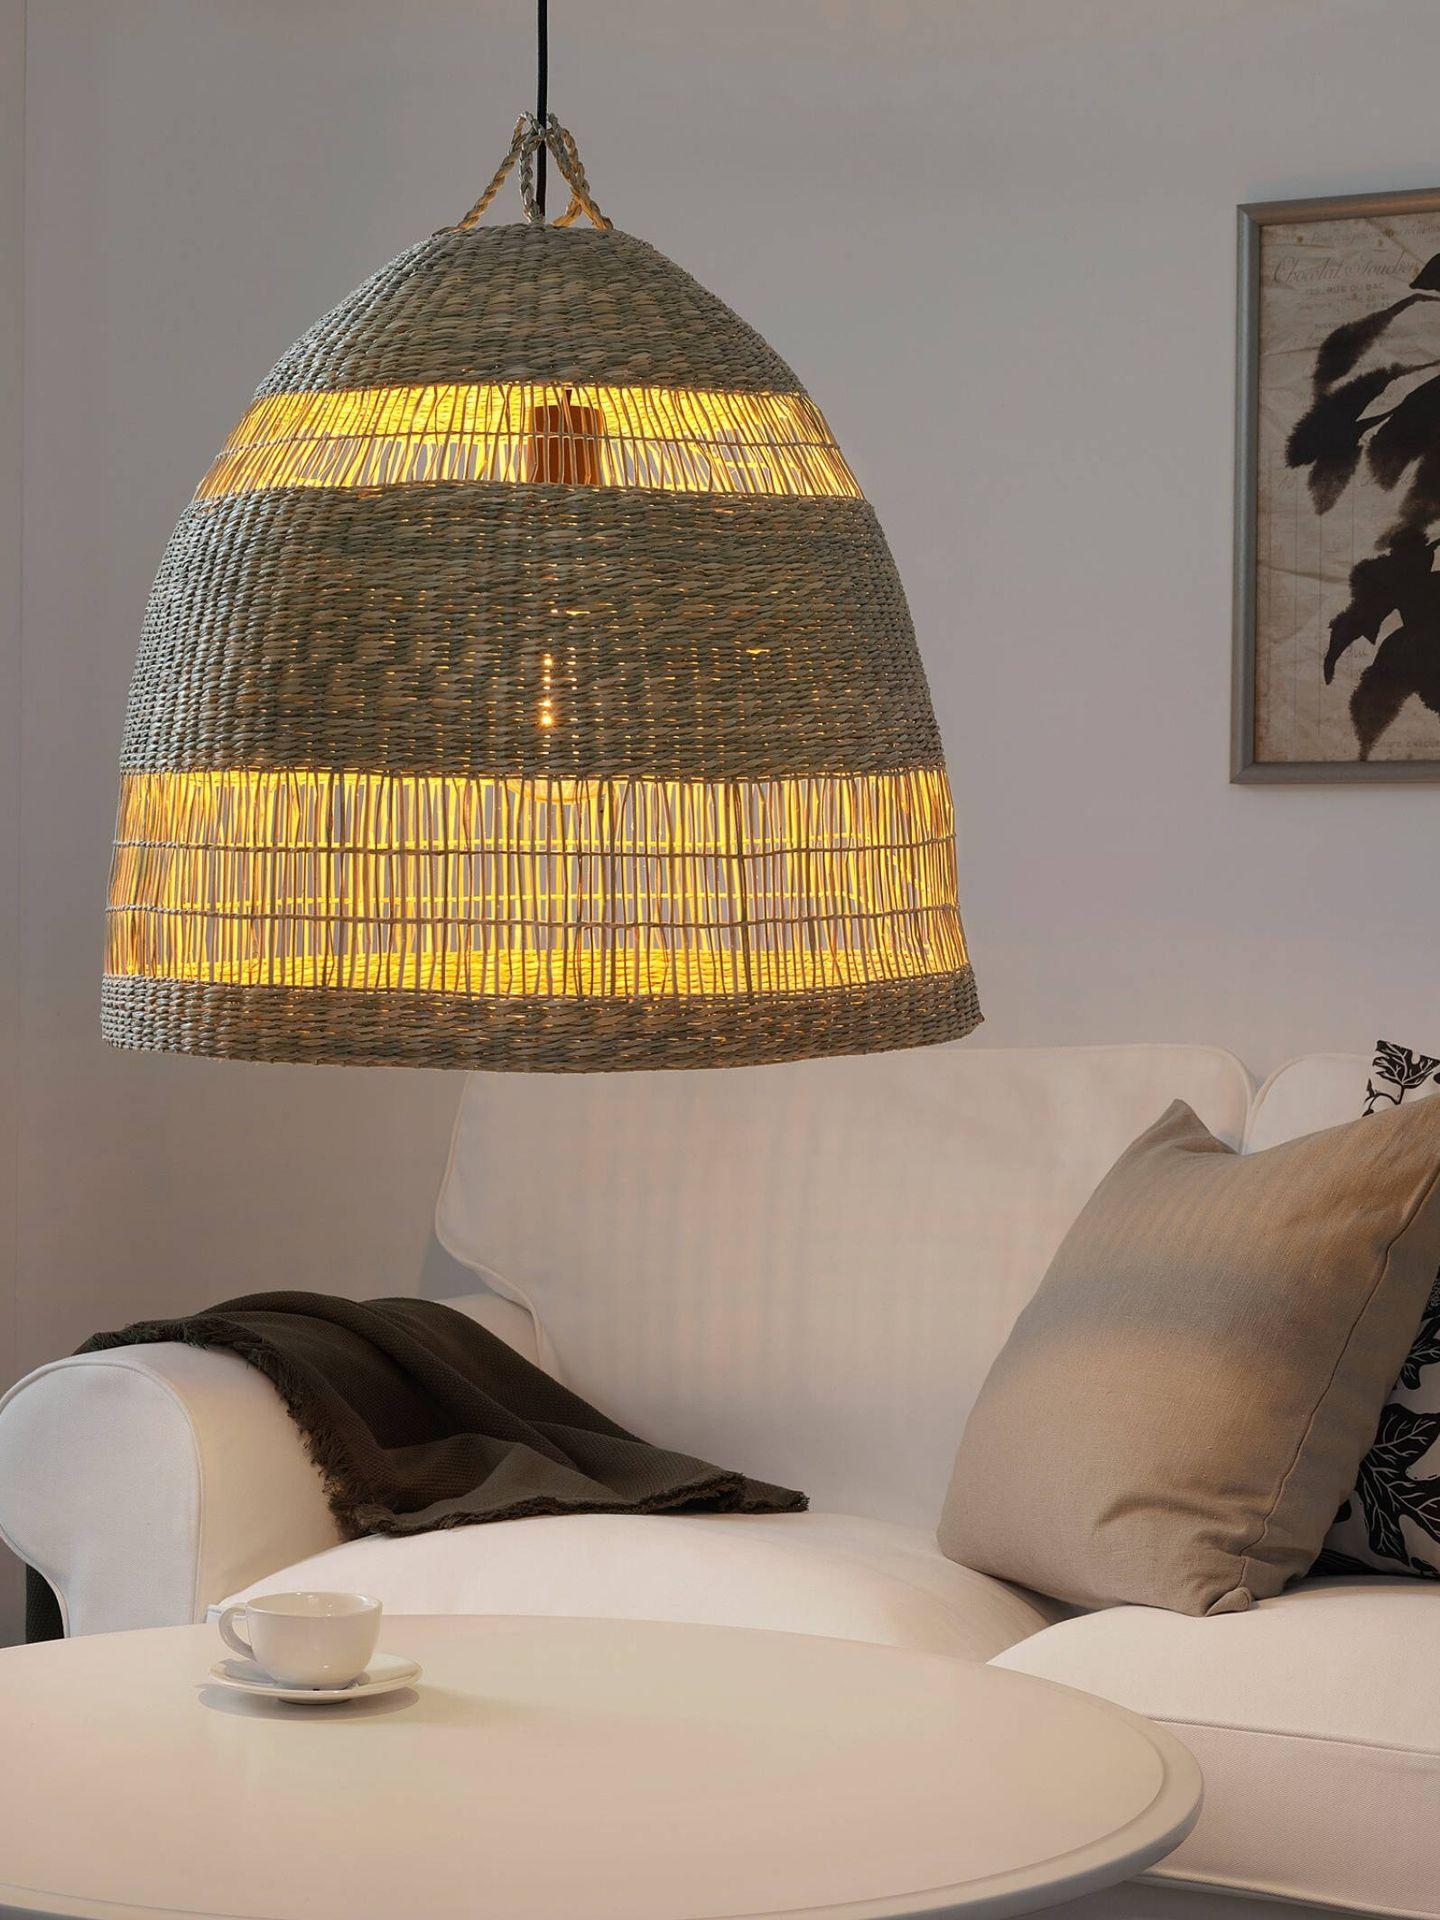 Lámparas de Ikea para una decoración perfecta en tu hogar. (Cortesía)